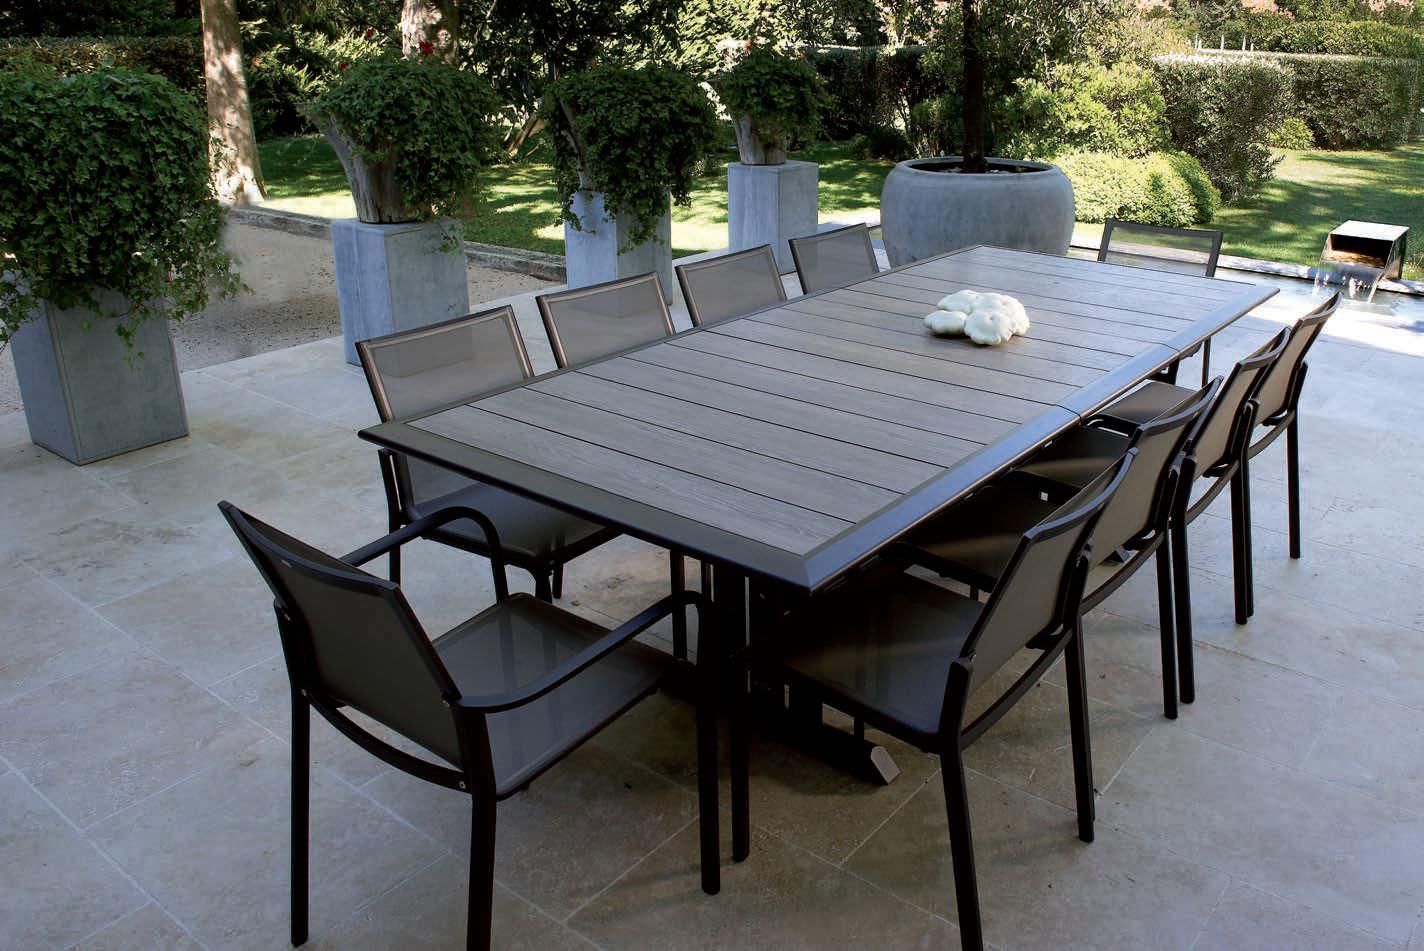 Hegoa By Claude Robin - Table Contemporaine / En Métal / Rectangulaire / De  Jardin By Les Jardins | Archiexpo avec Table Jardin Aluminium Avec Rallonge